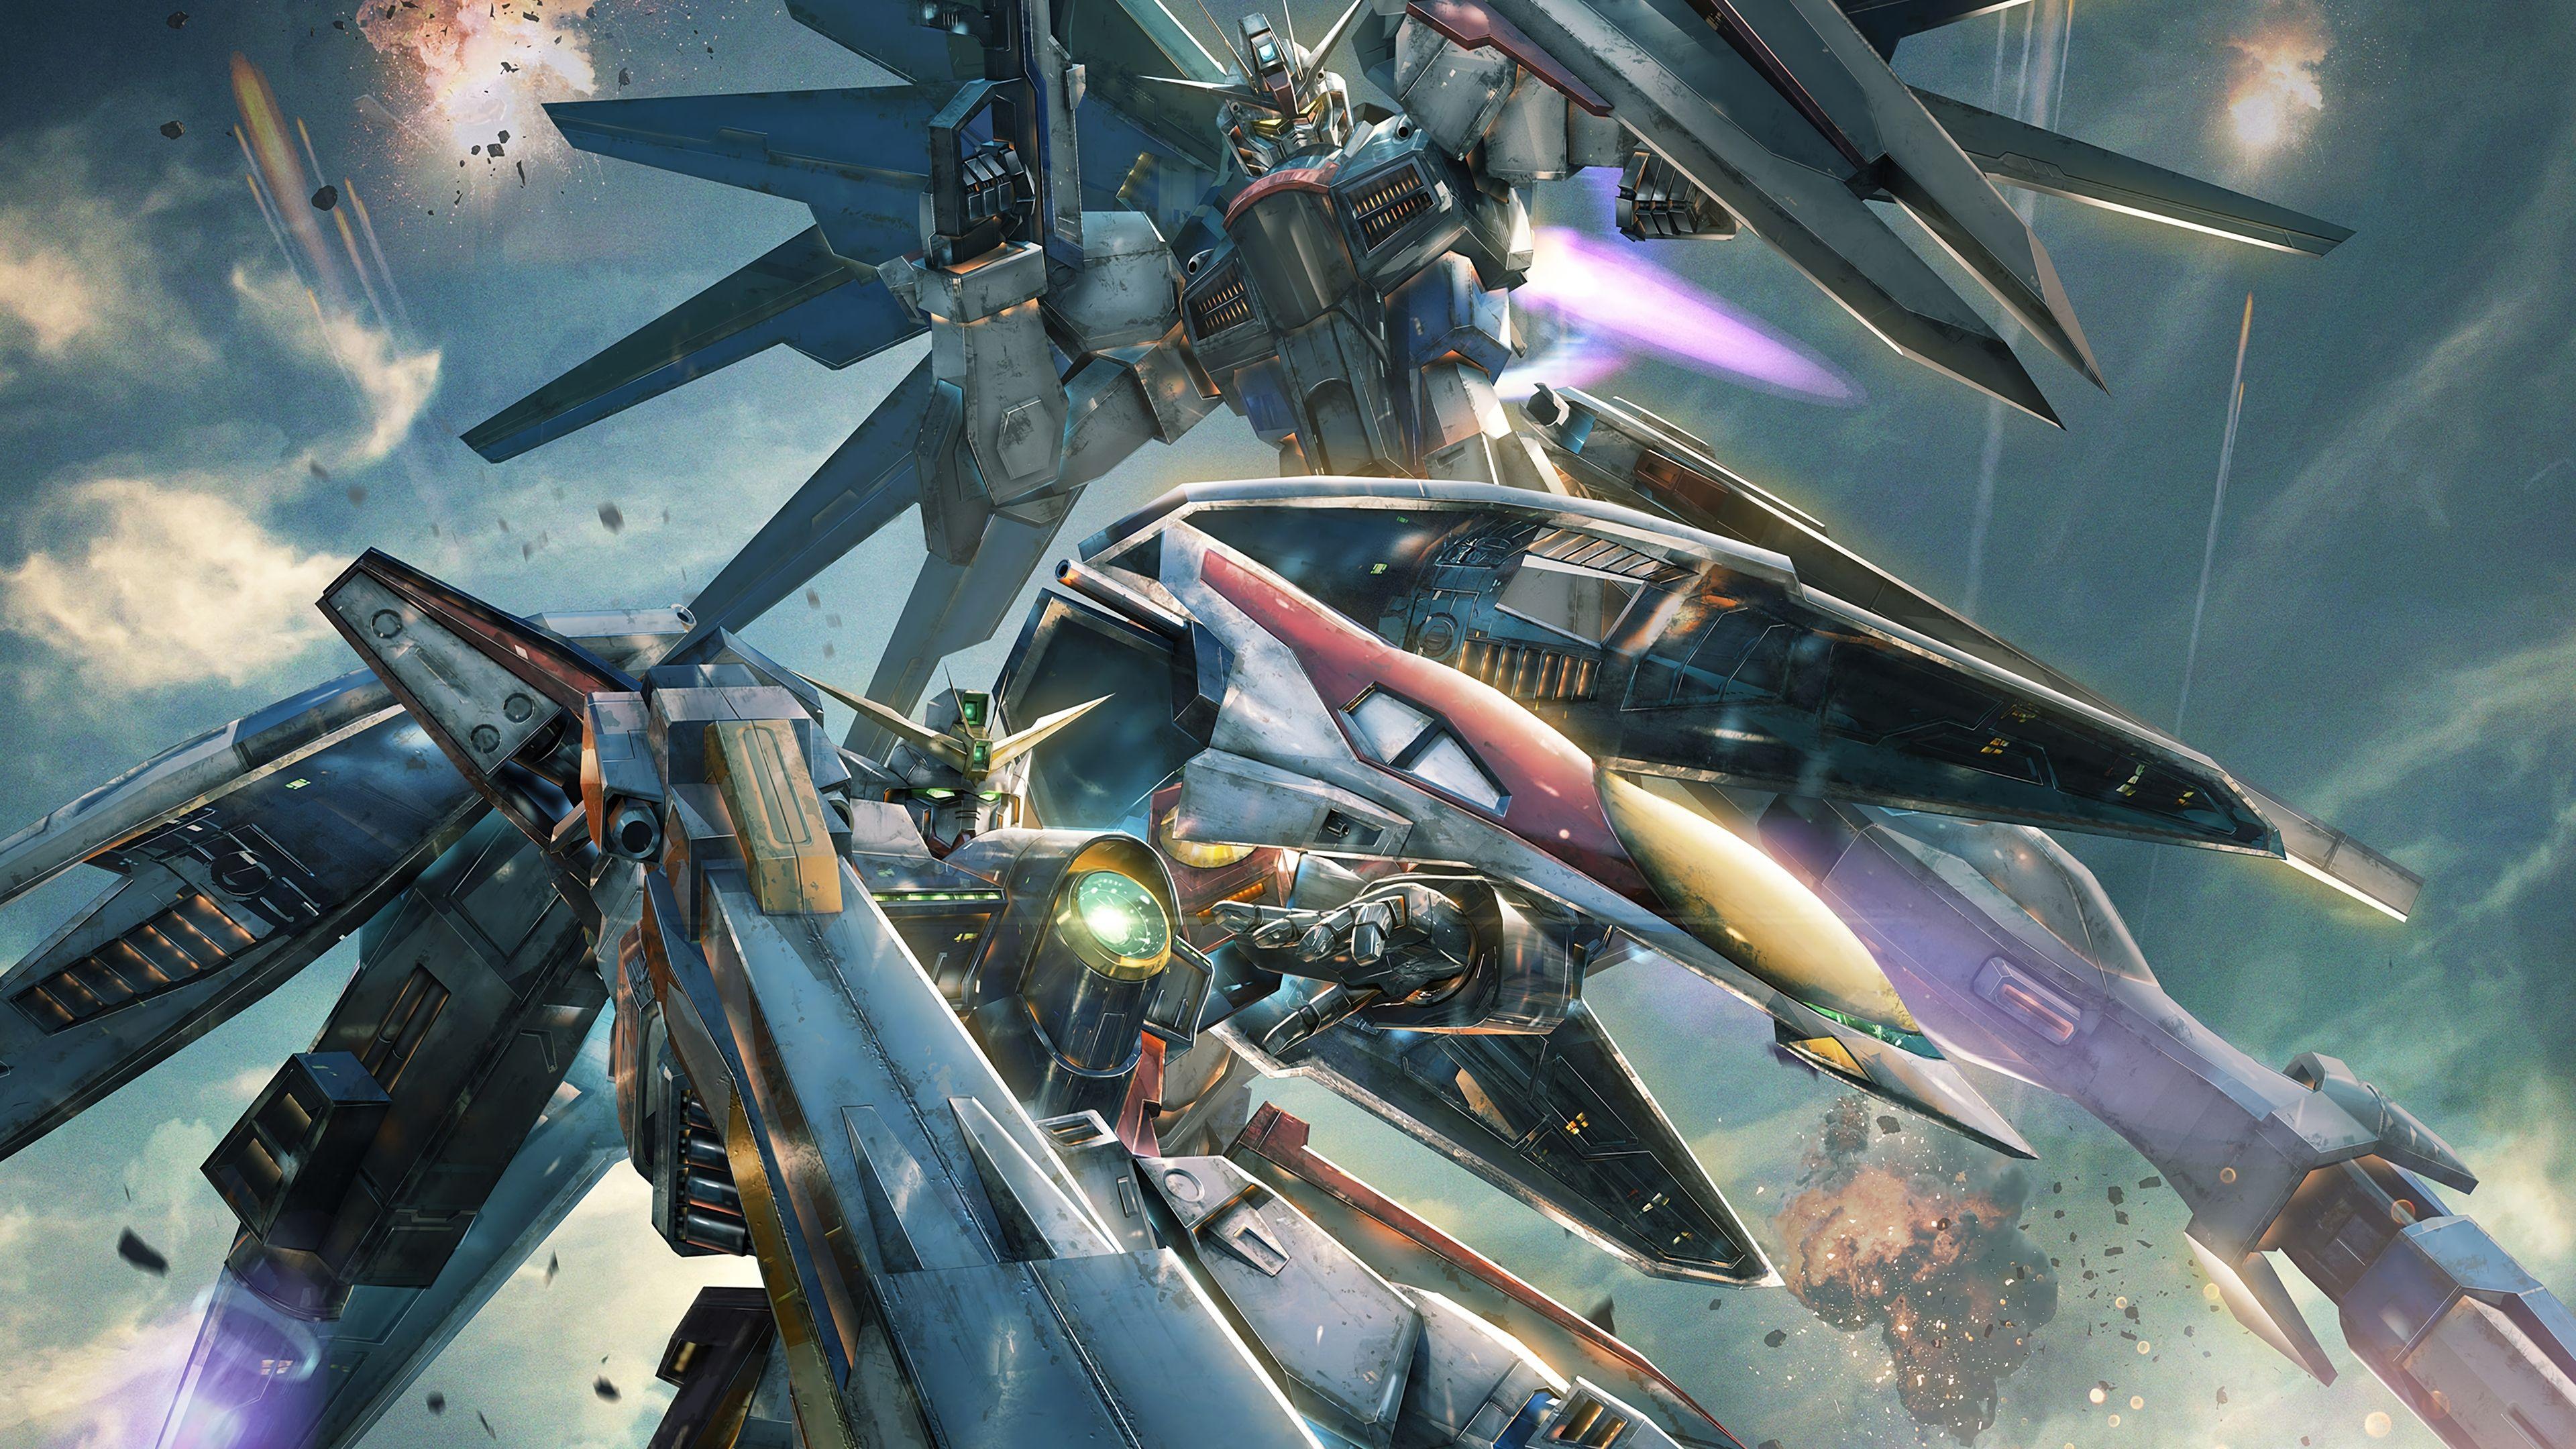 Pin Oleh A Aº C Di Seed Gundam Cartoon Network Video Game